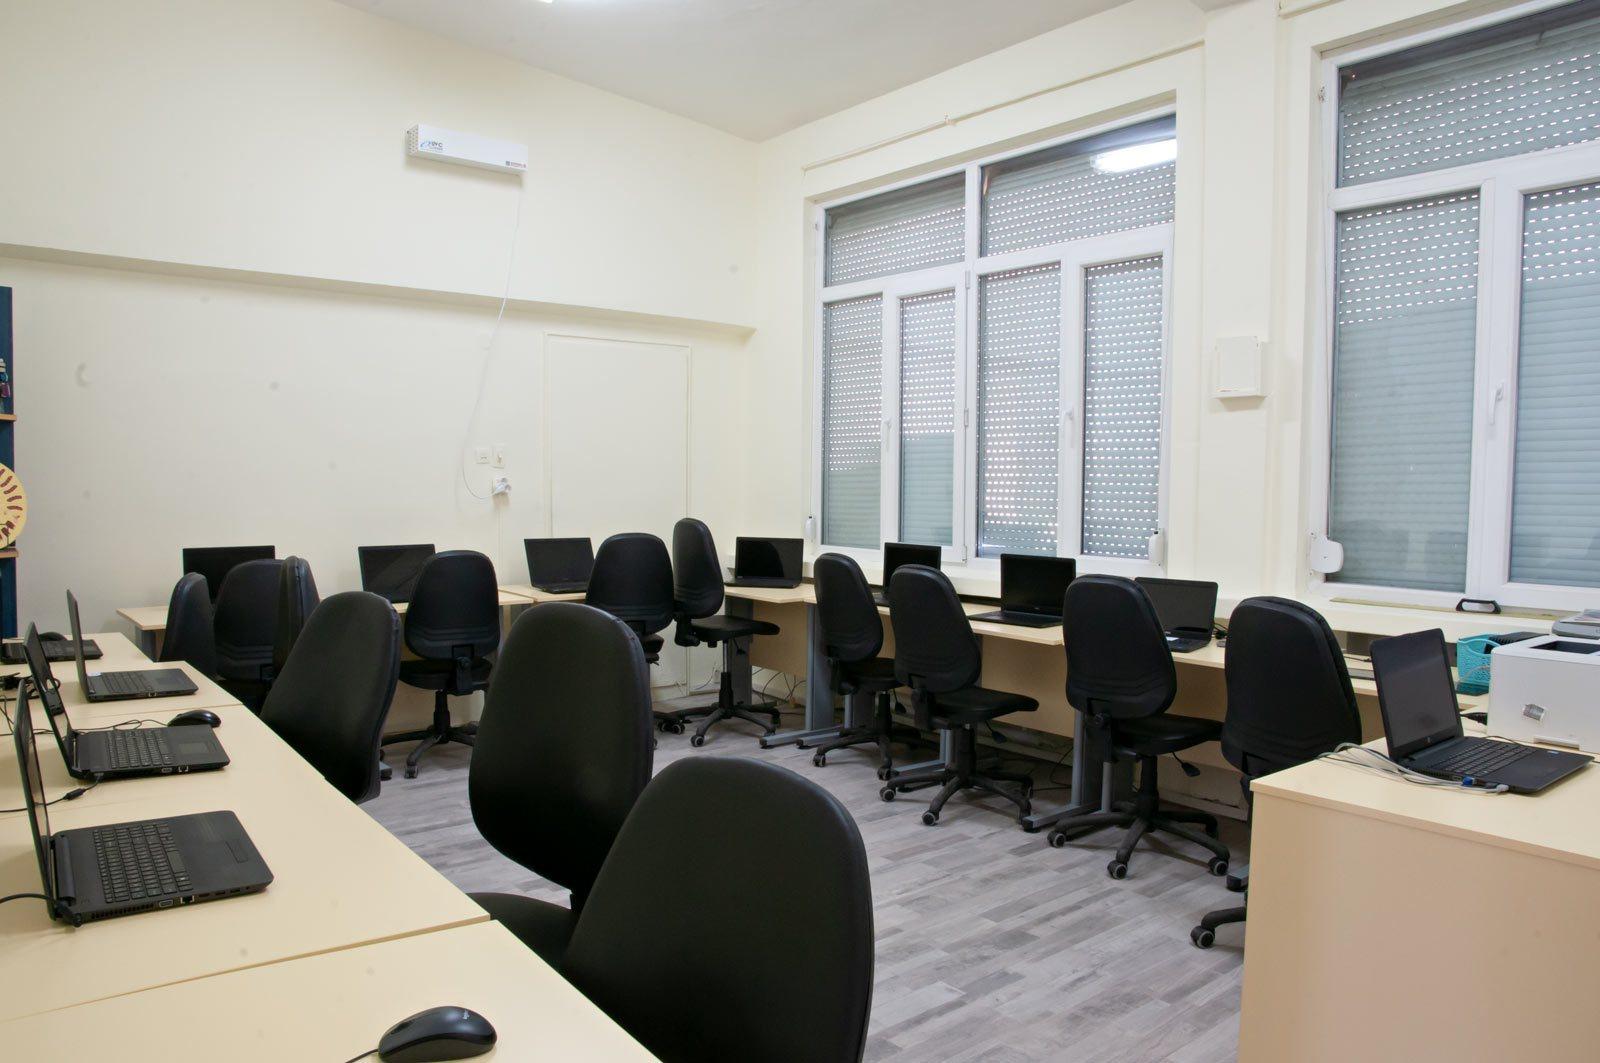 EZF1379-it-classroom-1